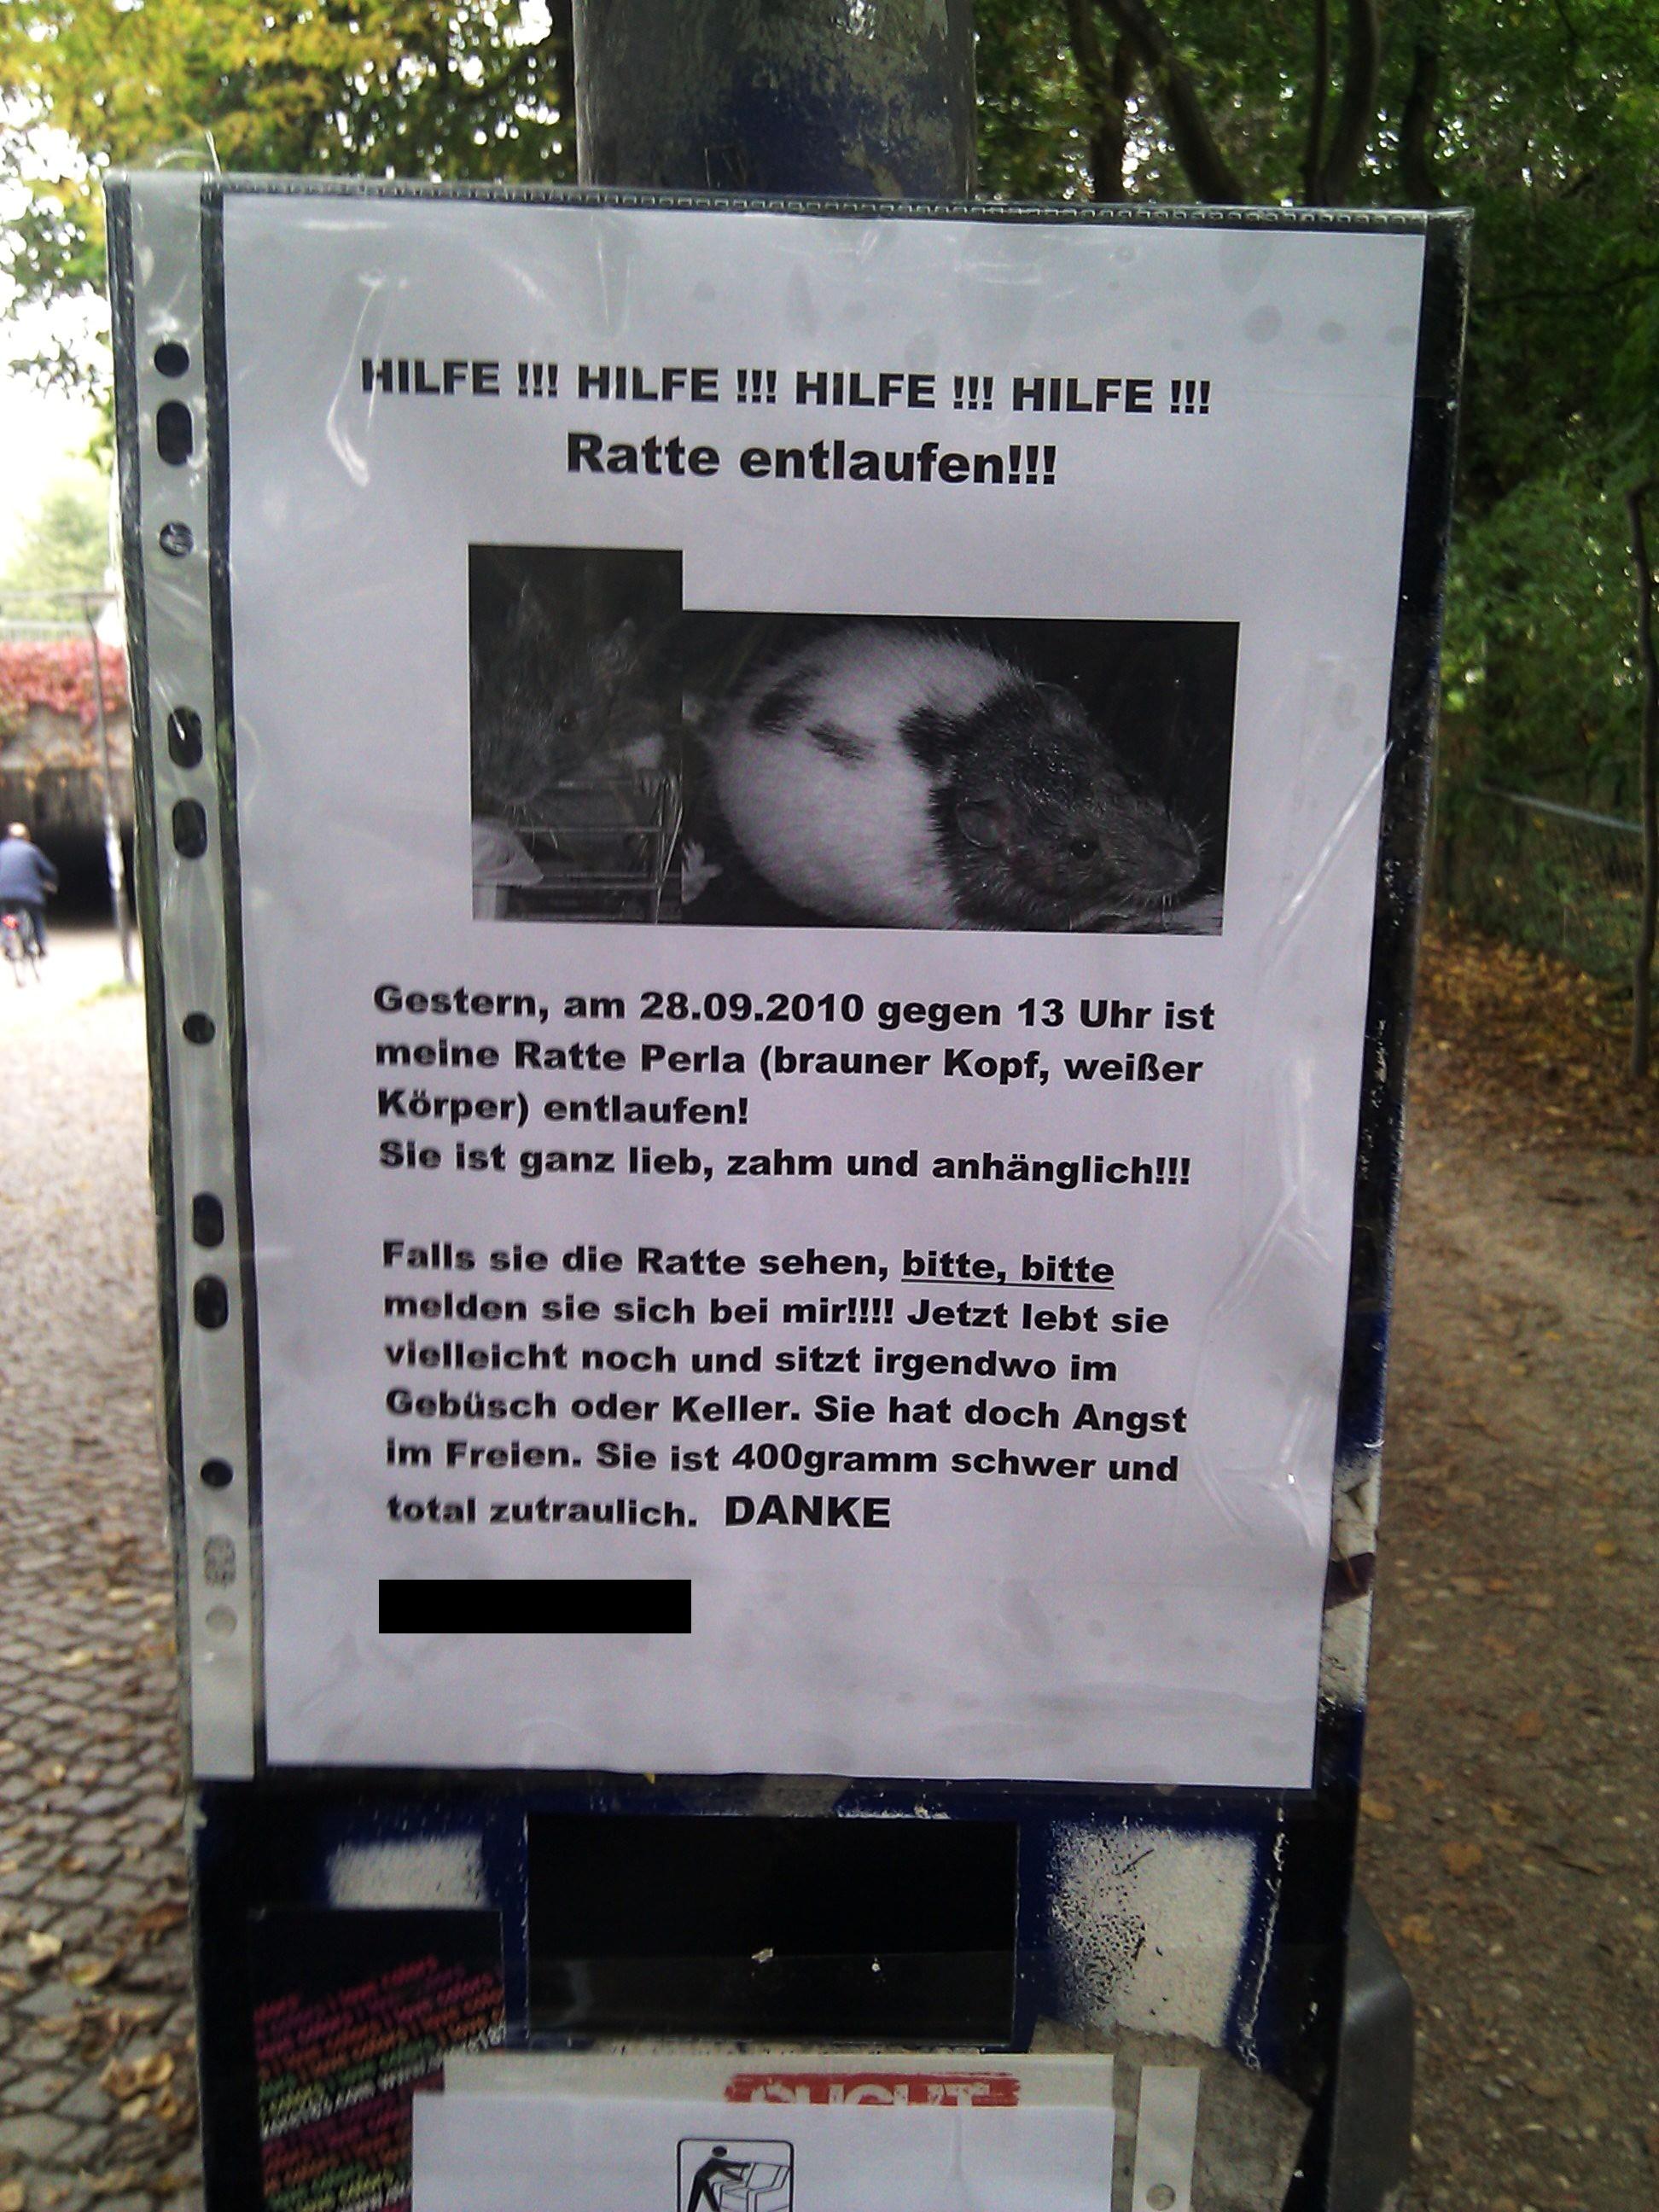 HILFE !!! HILFE !!! HILFE !!! HILFE !!! Ratte entlaufen!!! Gestern, am 28.09.2010 gegen 13 Uhr ist meine Ratte Perla (brauner Kopf, weißer Körper) entlaufen! Sie ist ganz lieb, zahm und anhänglich!!! Falls sie die Ratte sehen, bitte, bitte, melden sie sich bei mir!!!! Jetzt lebt sie vielleicht noch und sitzt irgendwo im Gebüsch oder Keller. Sie hat doch Angst im Freien. Sie ist 400gramm schwer und total zutraulich. *DANKE* [0163 / XXXXXXX]